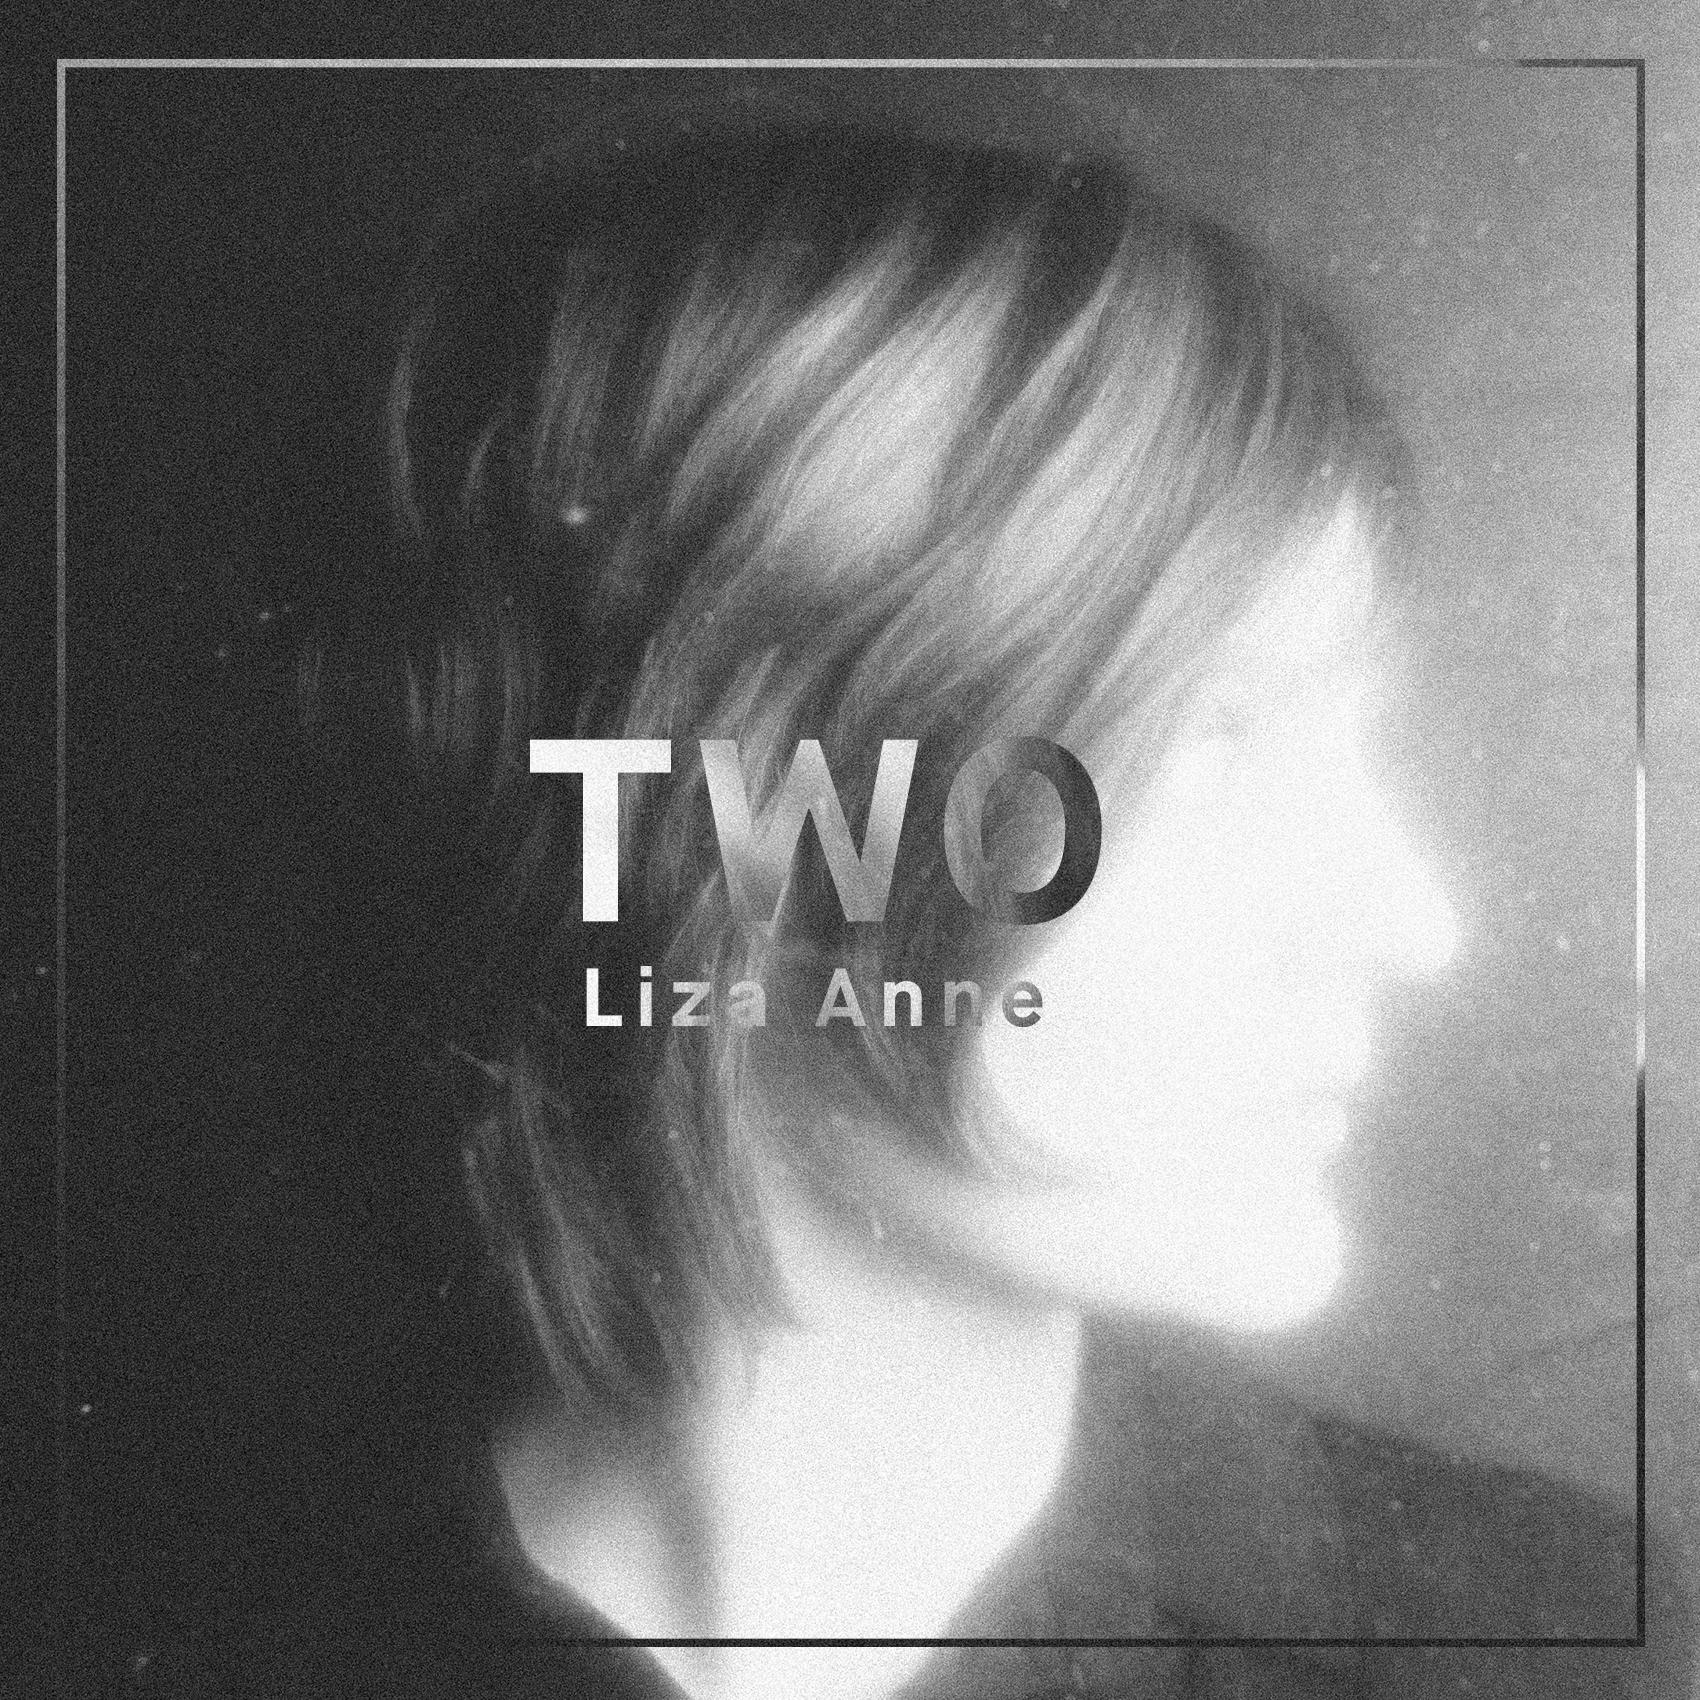 2015-05-19 - Liza Anne - Two.jpg